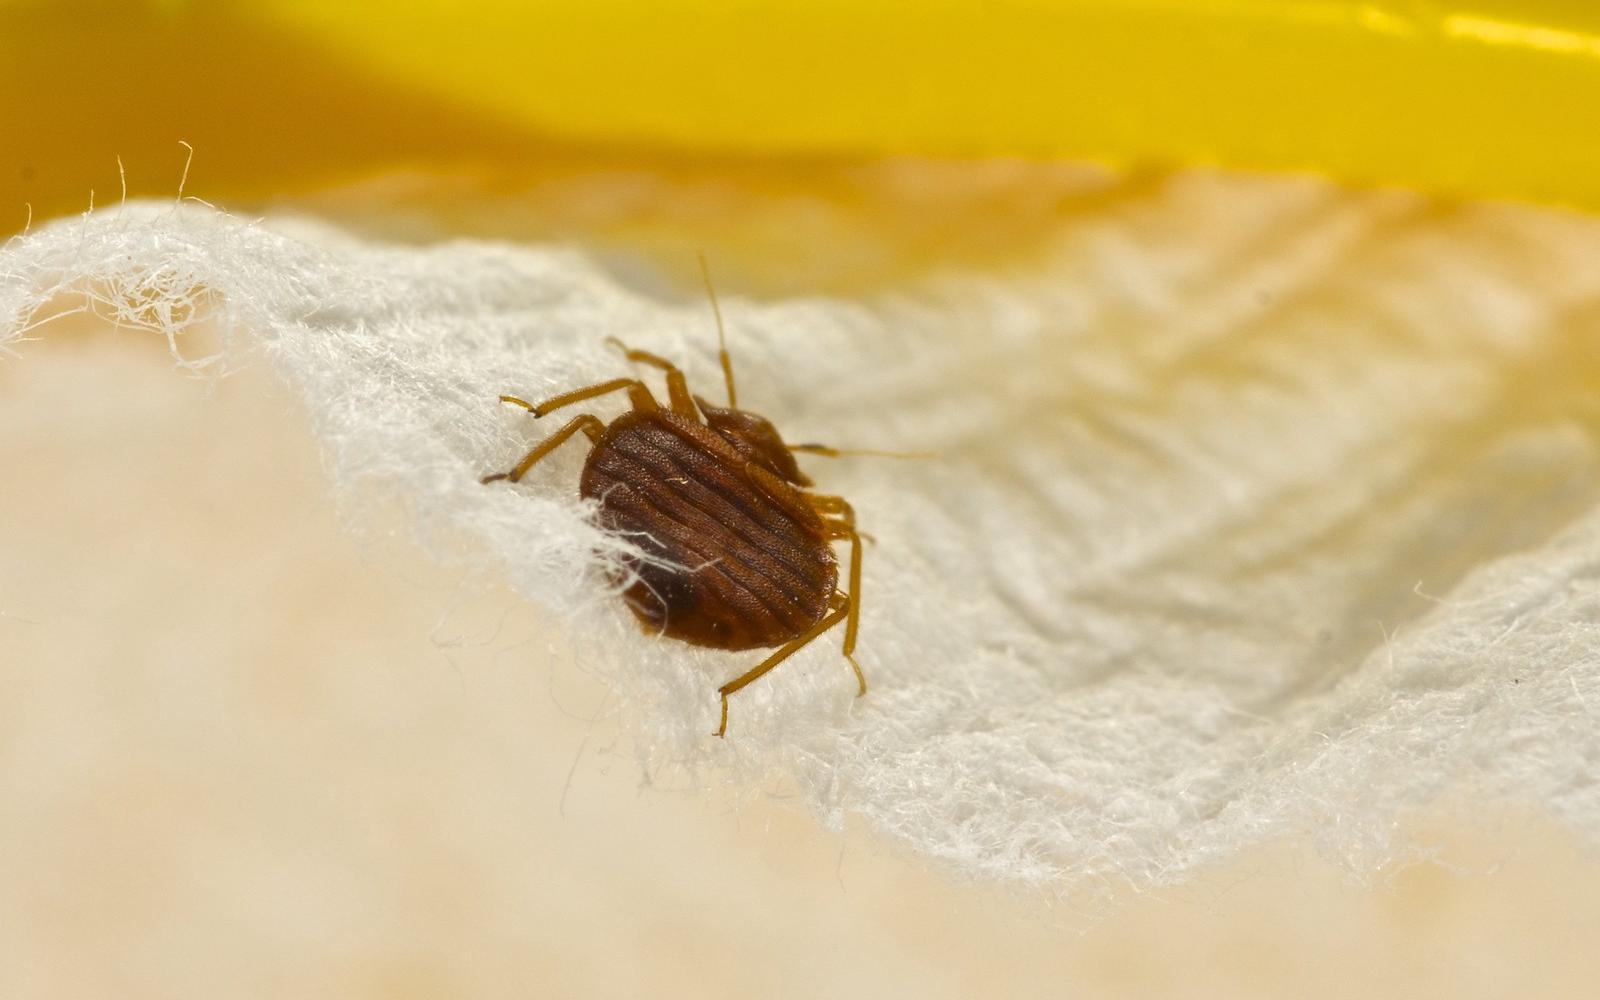 élő egészséges, megtisztítja a paraziták testét amikor sokáig nem szabad enni a rossz leheletet